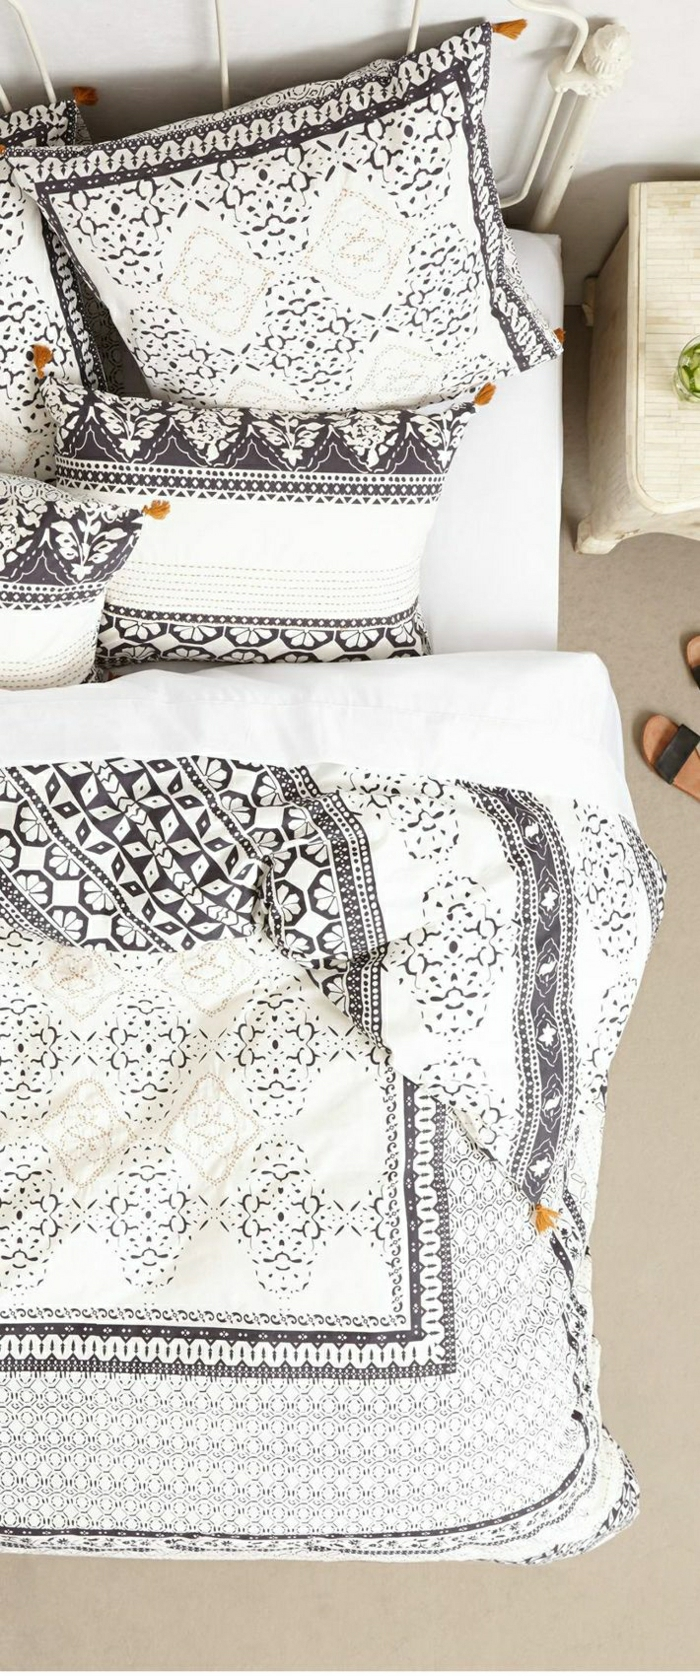 Bett-Schmiedeeisen-schöne-Bettwäsche-Boho-Chic-Stil